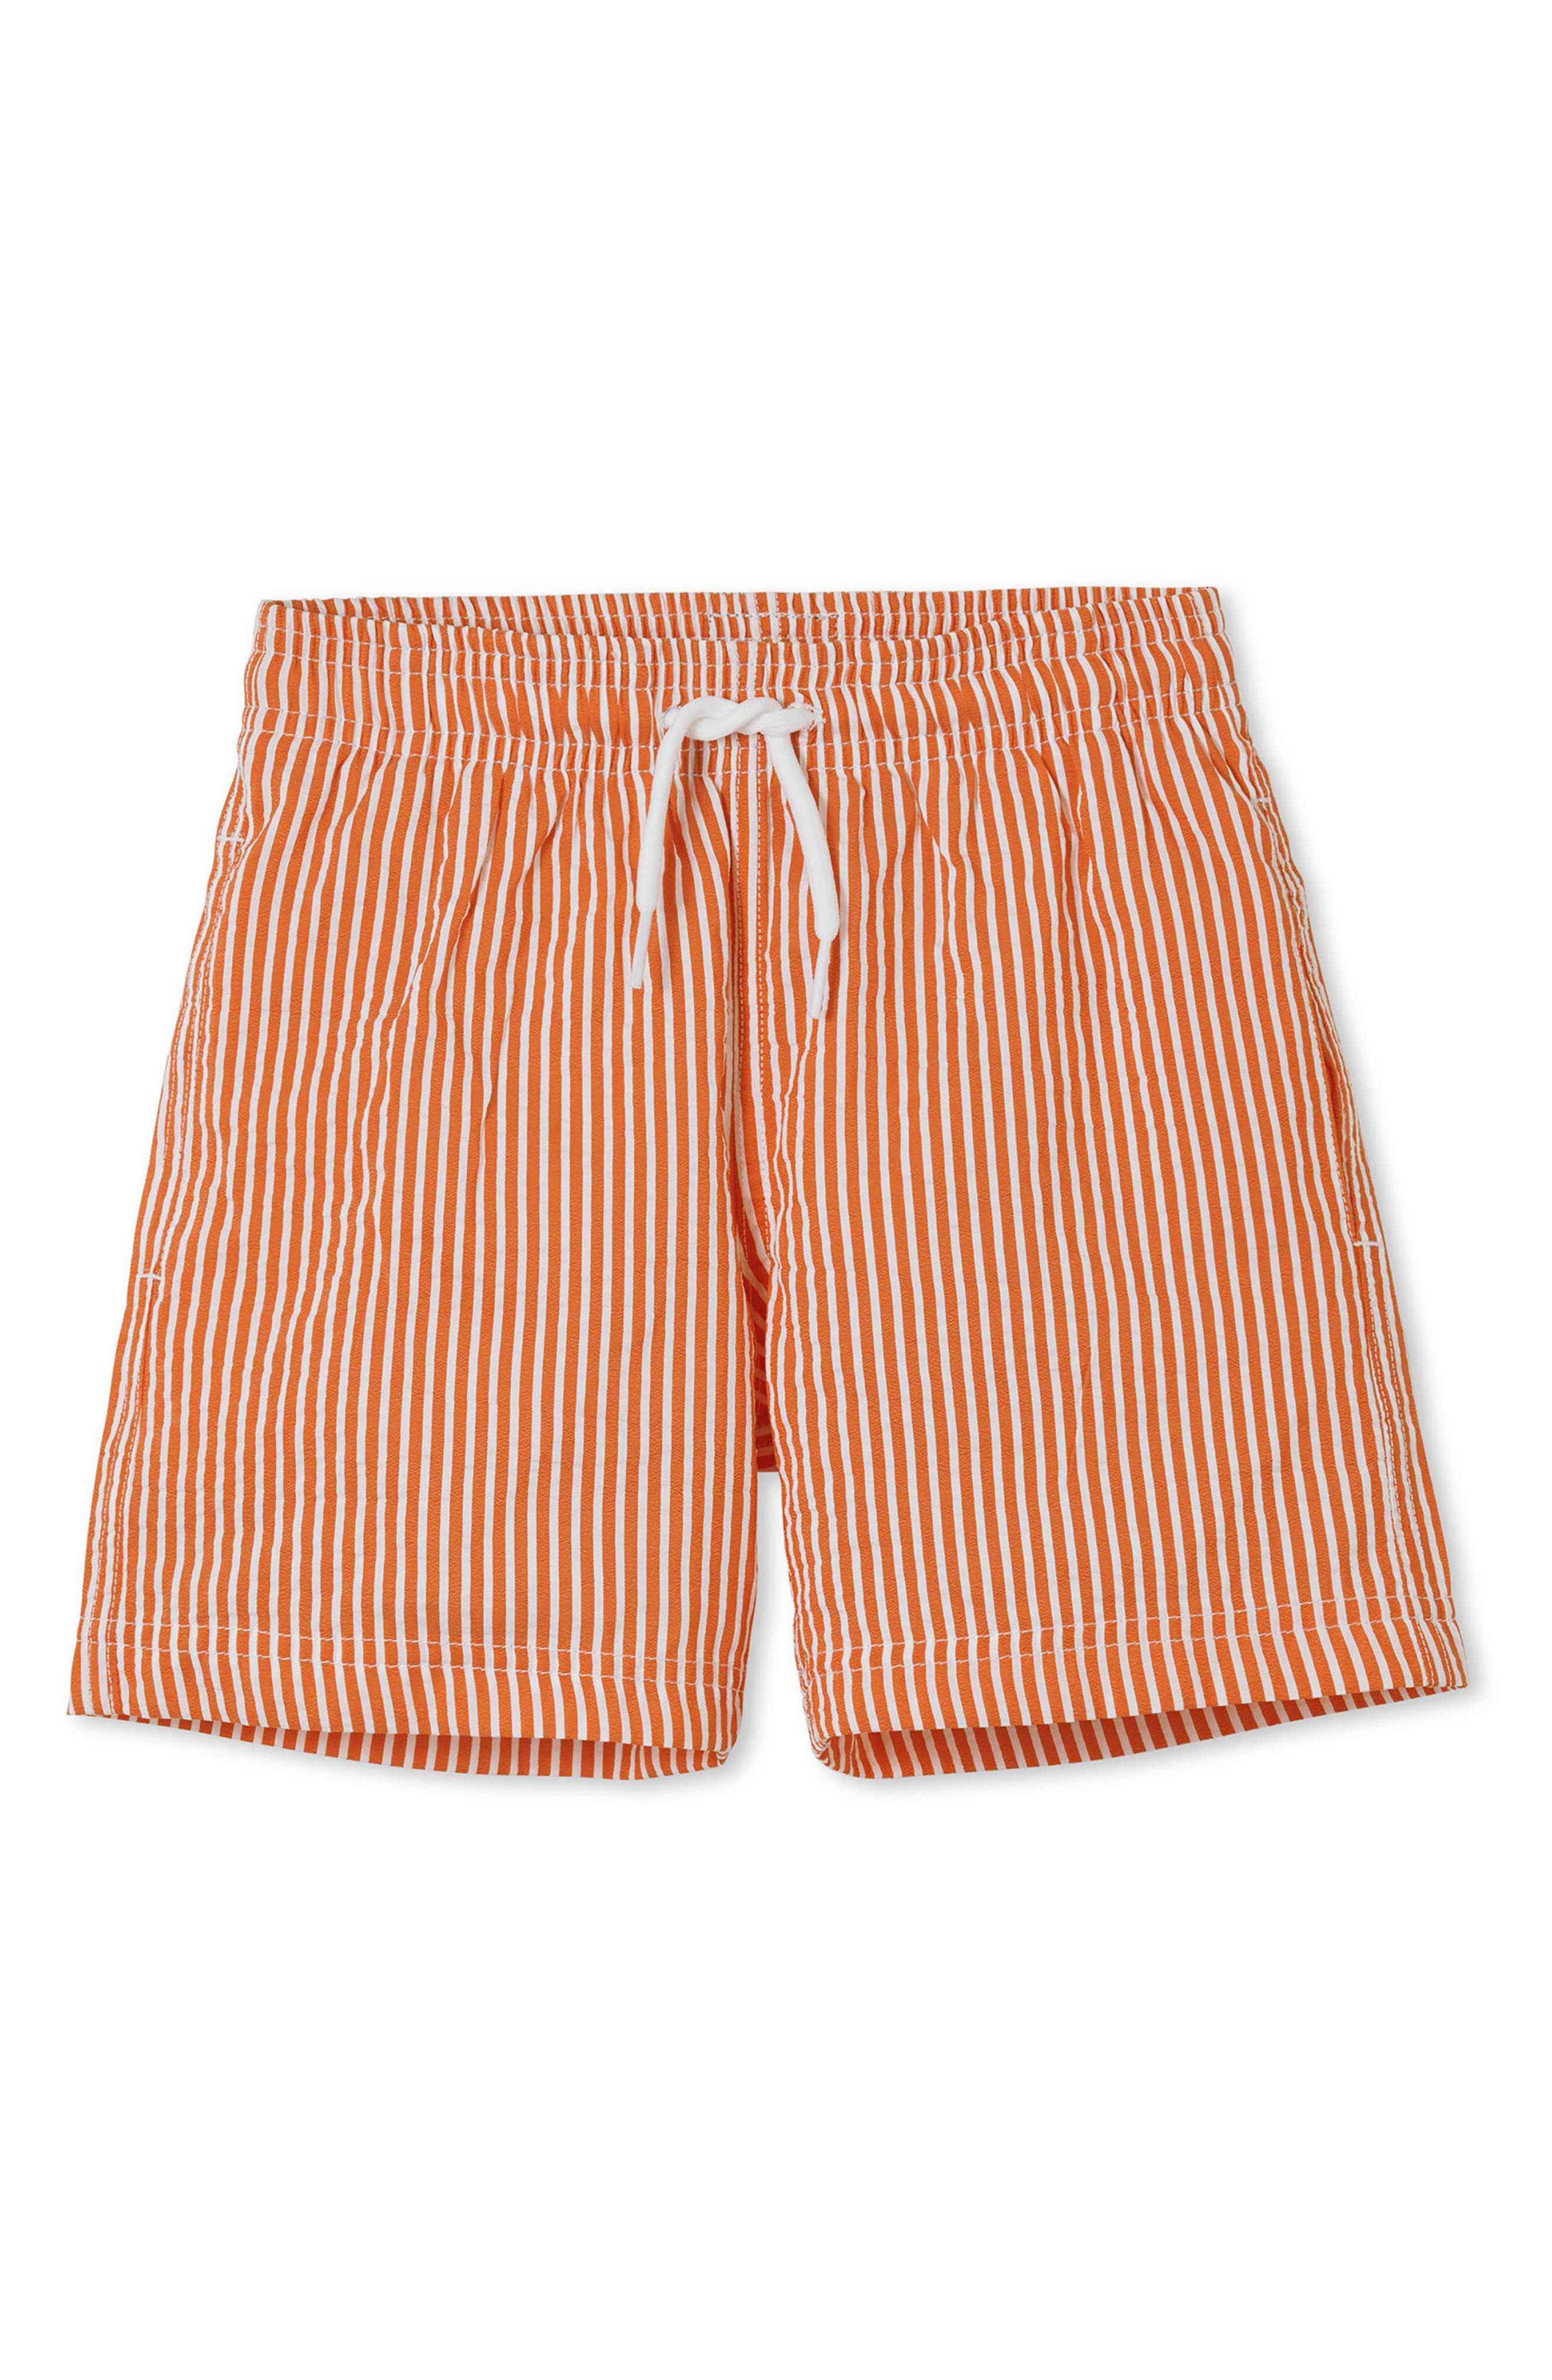 Orange Stripe Swim Trunks,                             Main thumbnail 1, color,                             800